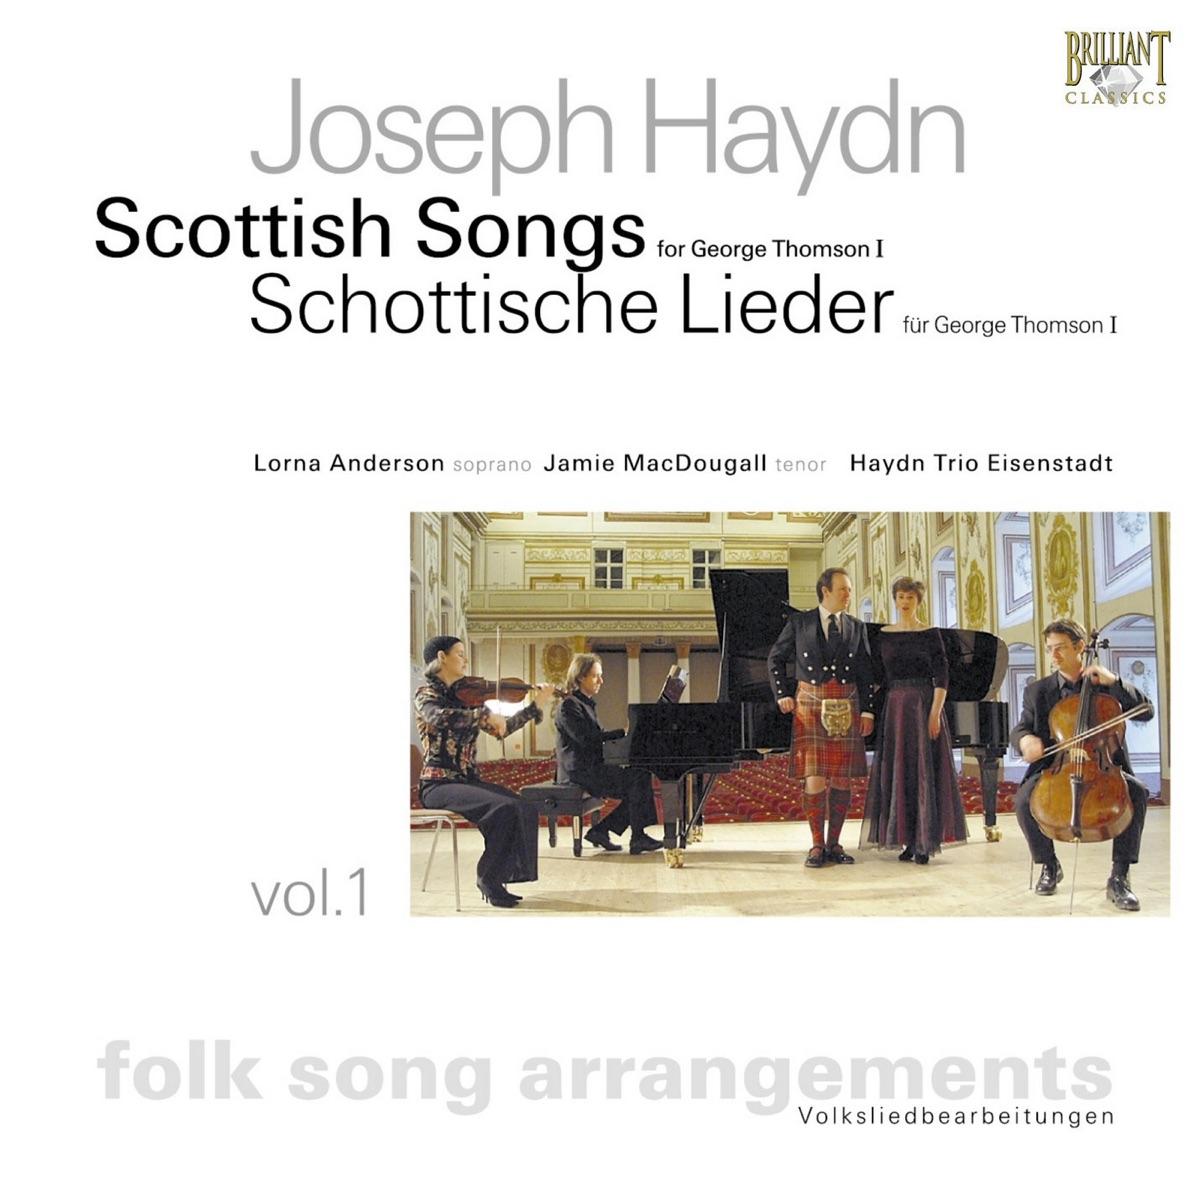 Haydn Scottish Songs Vol 1 Lorna Anderson Jamie MacDougall  Haydn Trio Eisenstadt CD cover